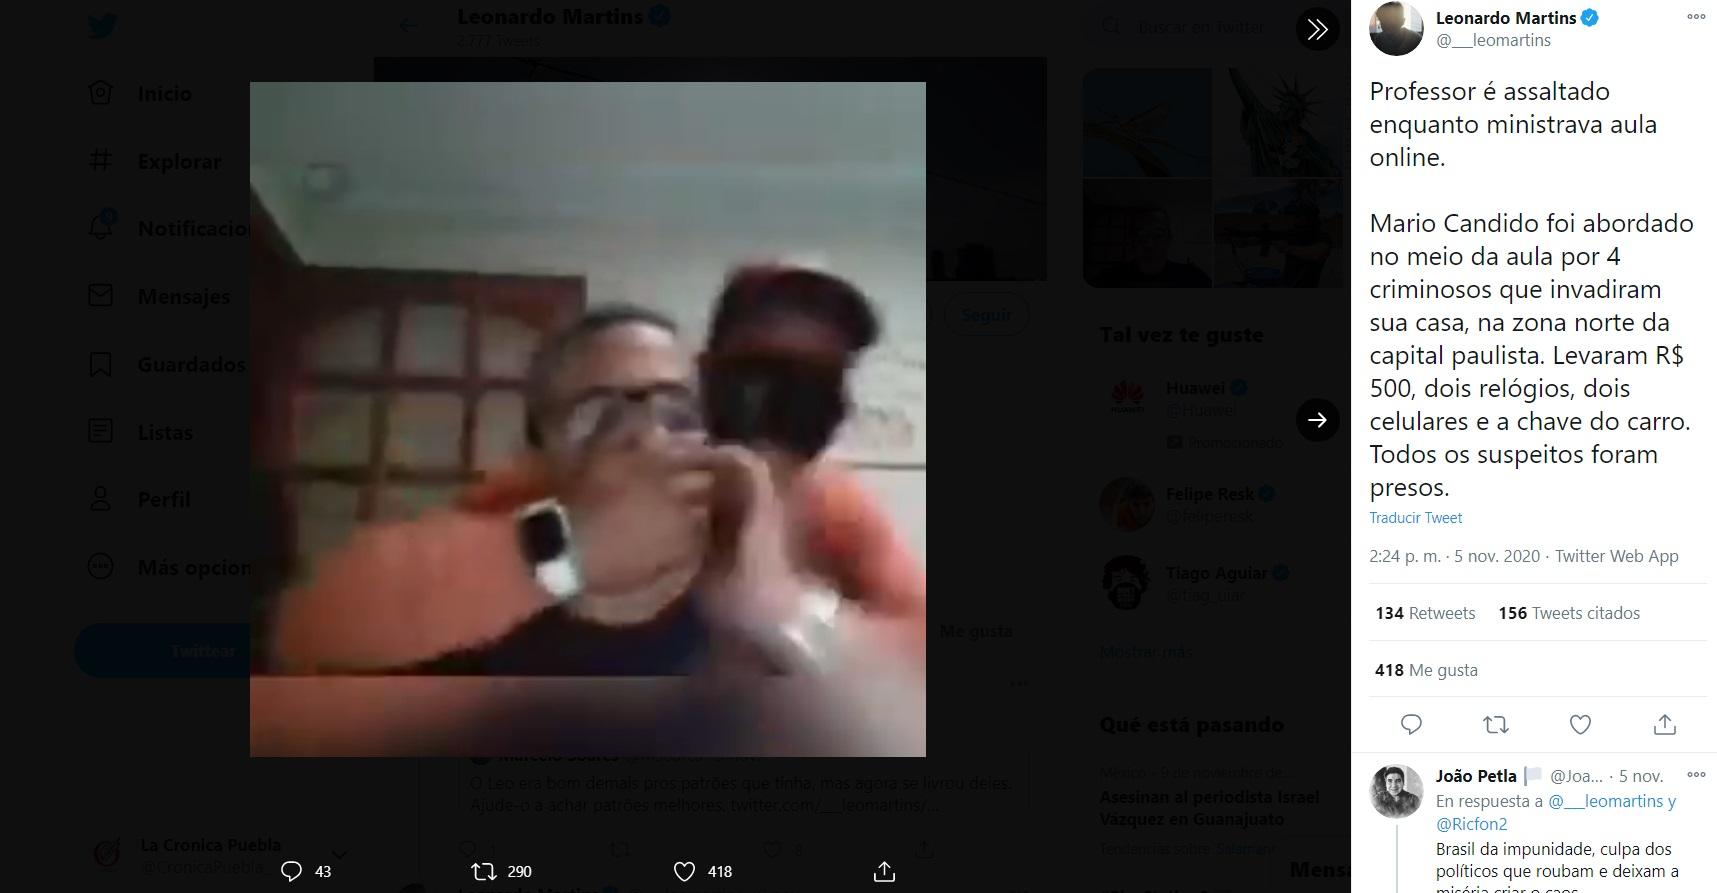 Ladrones asaltan a maestro mientras daba clase online (VIDEO)